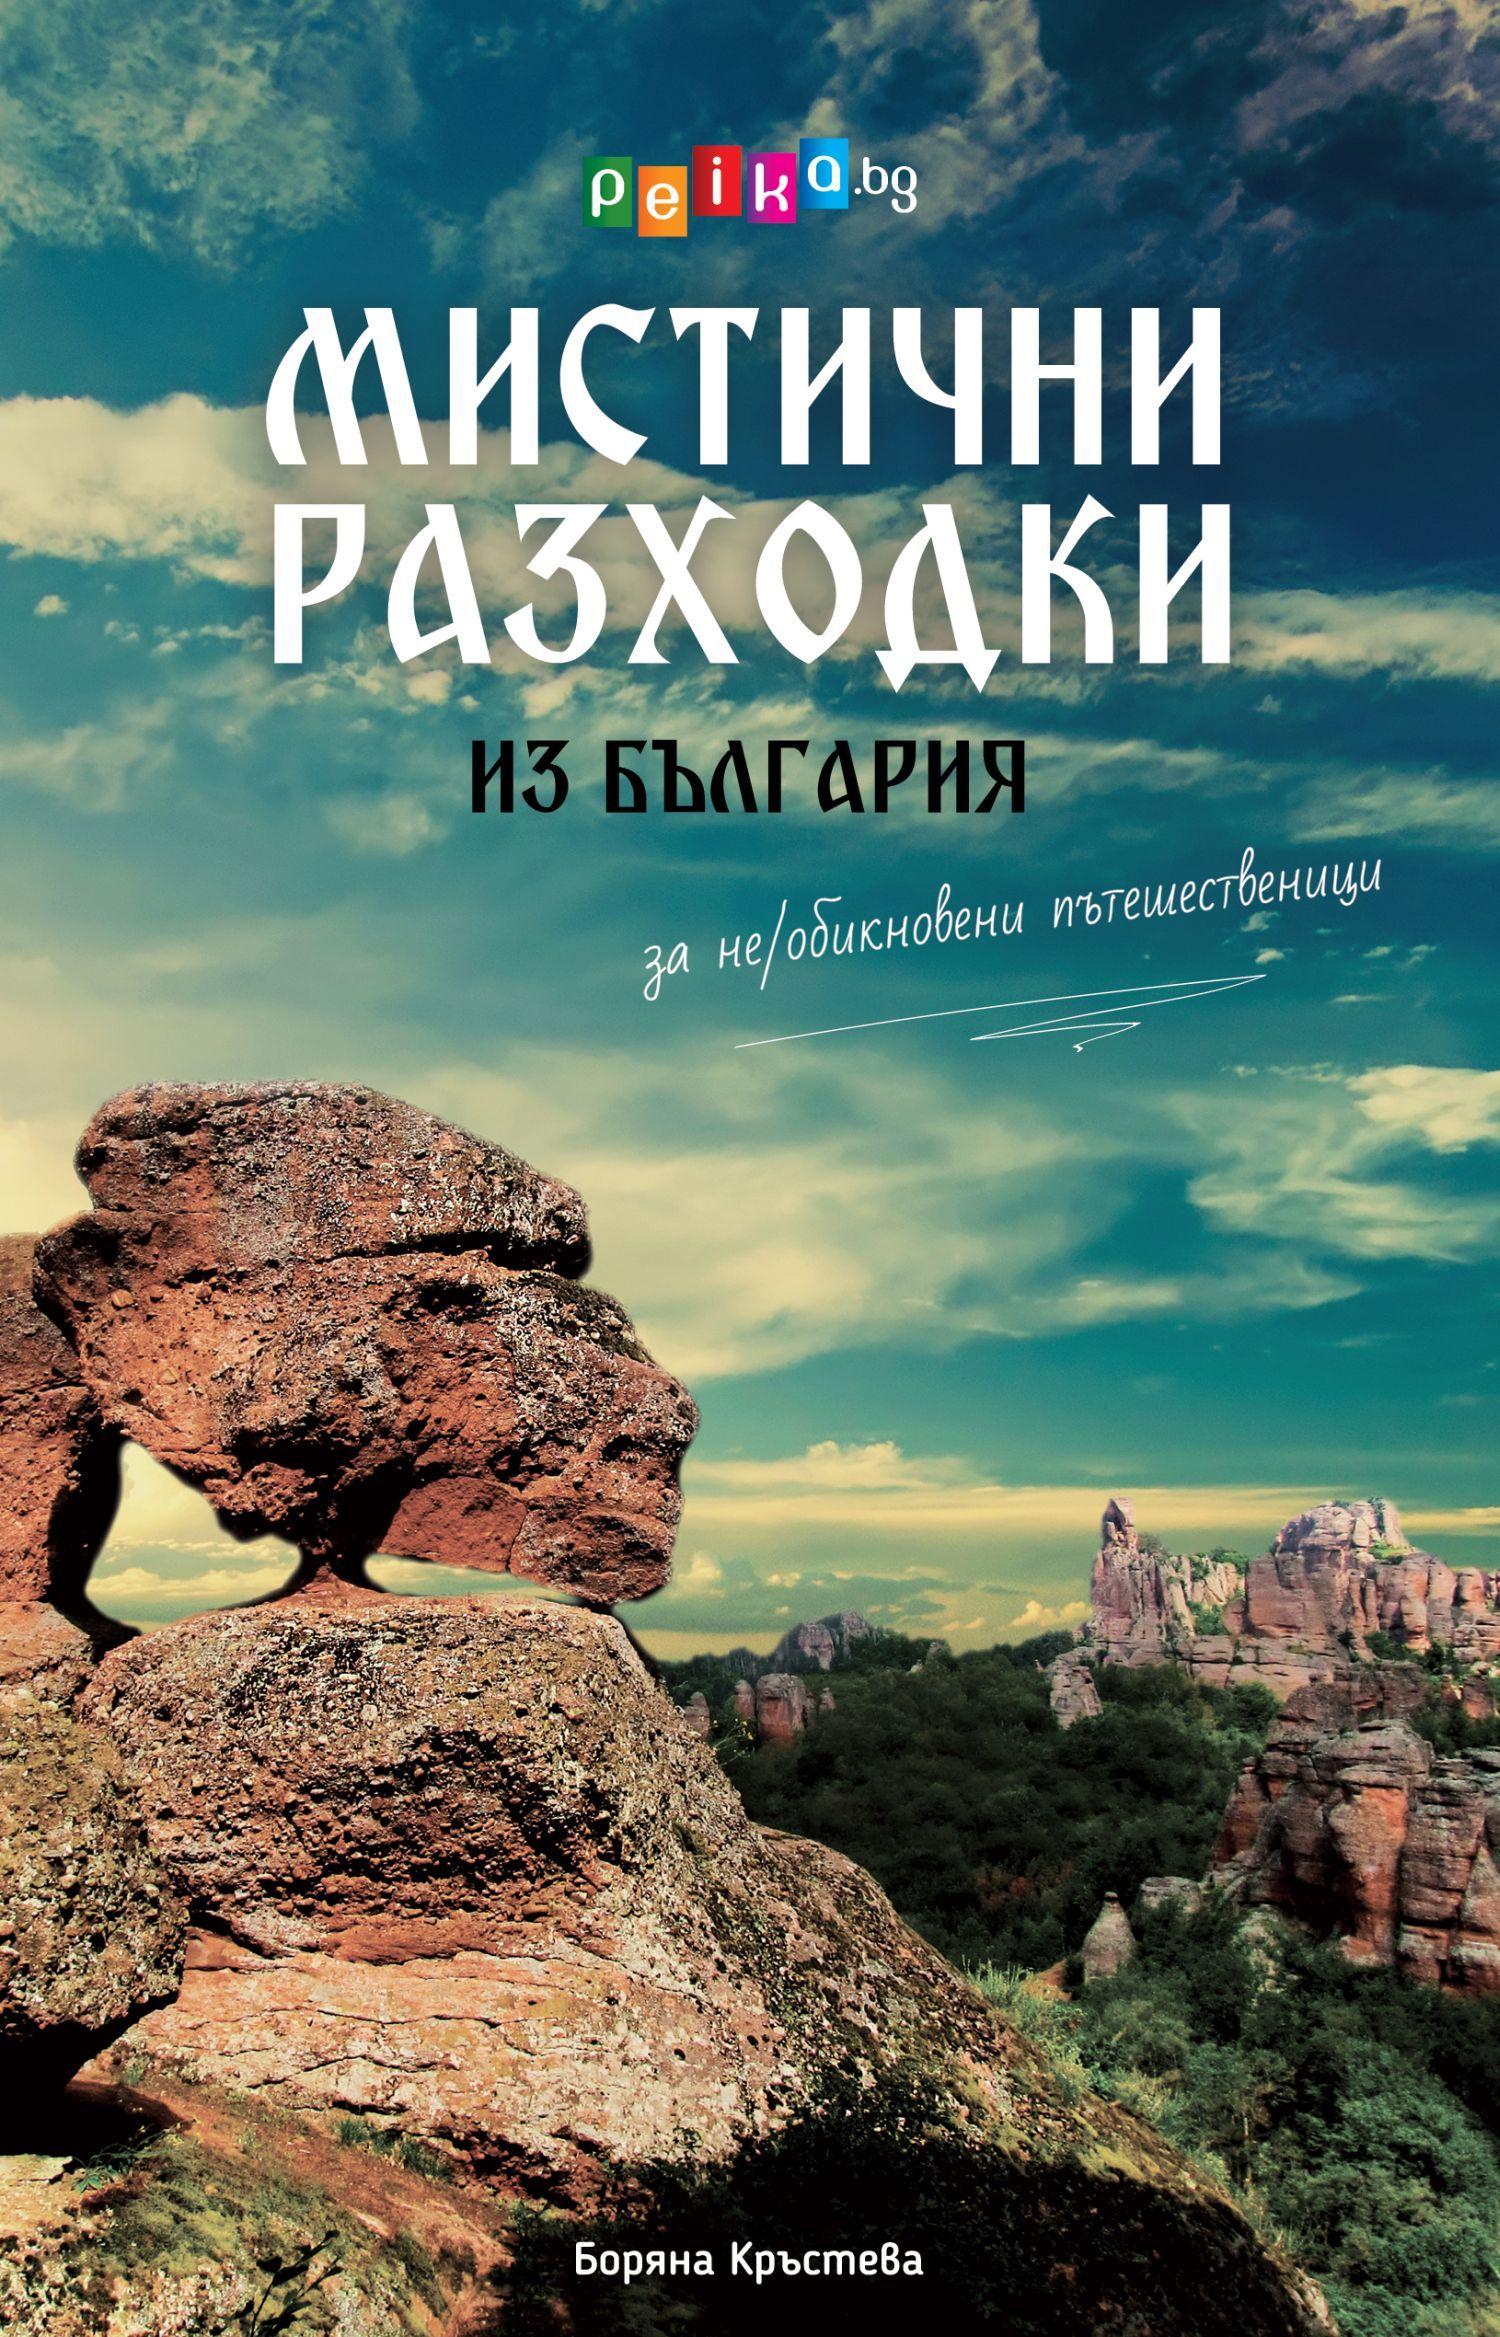 mistichni-razhodni-iz-balgariya - 1